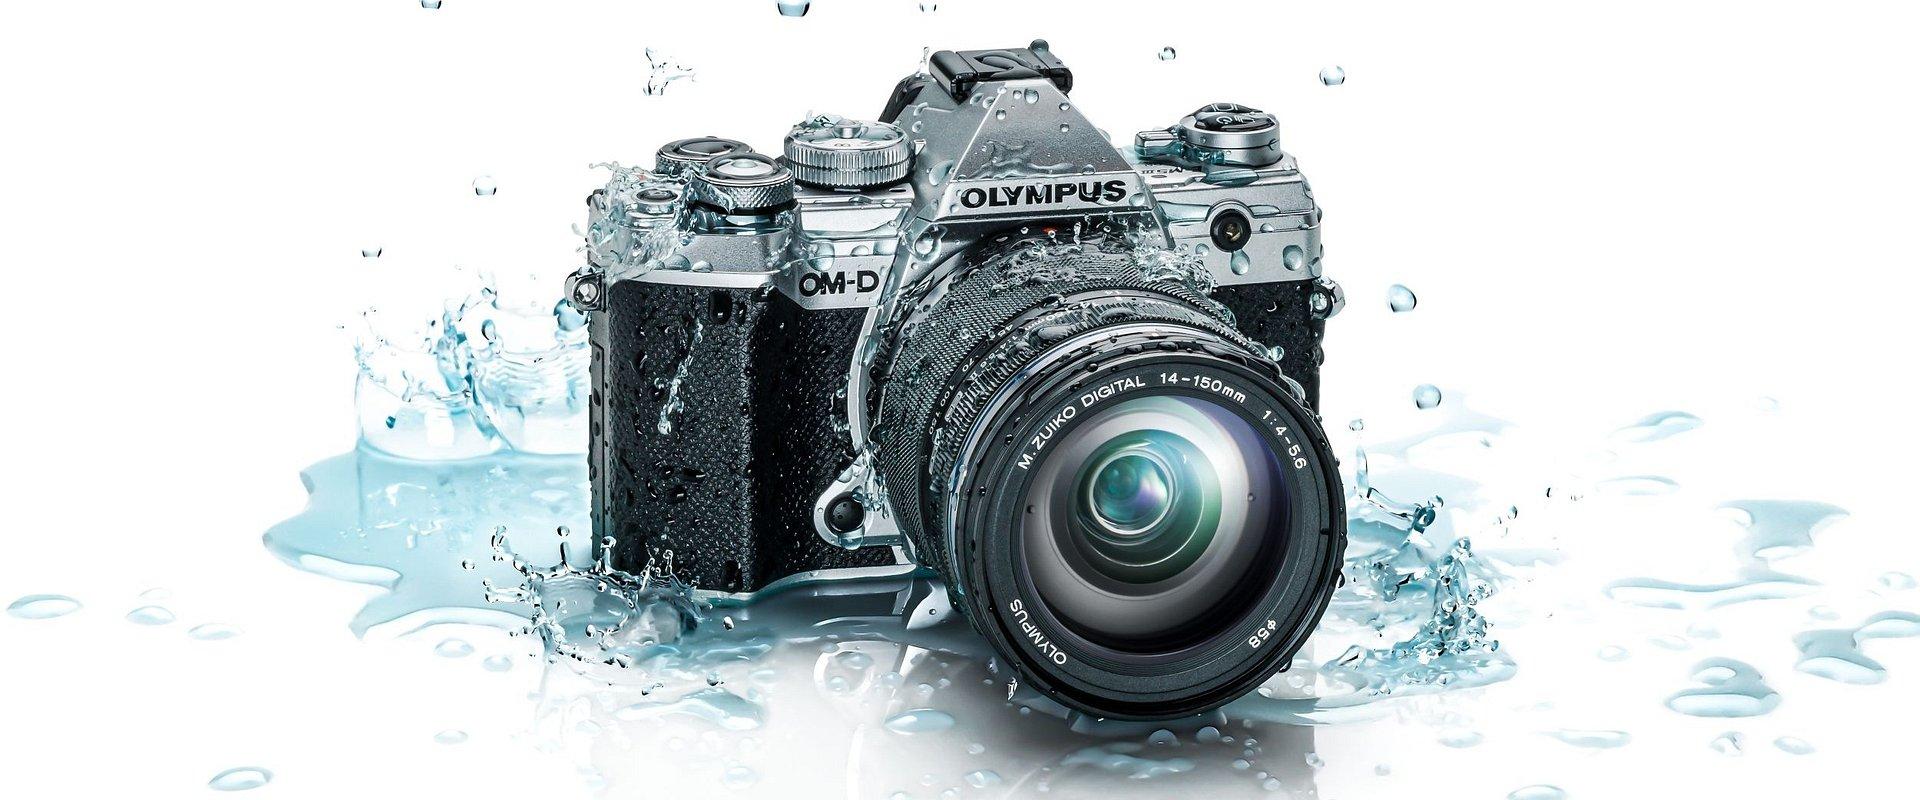 Olympus oficjalnie prezentuje nowy model aparatu z wbudowaną pięcioosiową stabilizacją obrazu